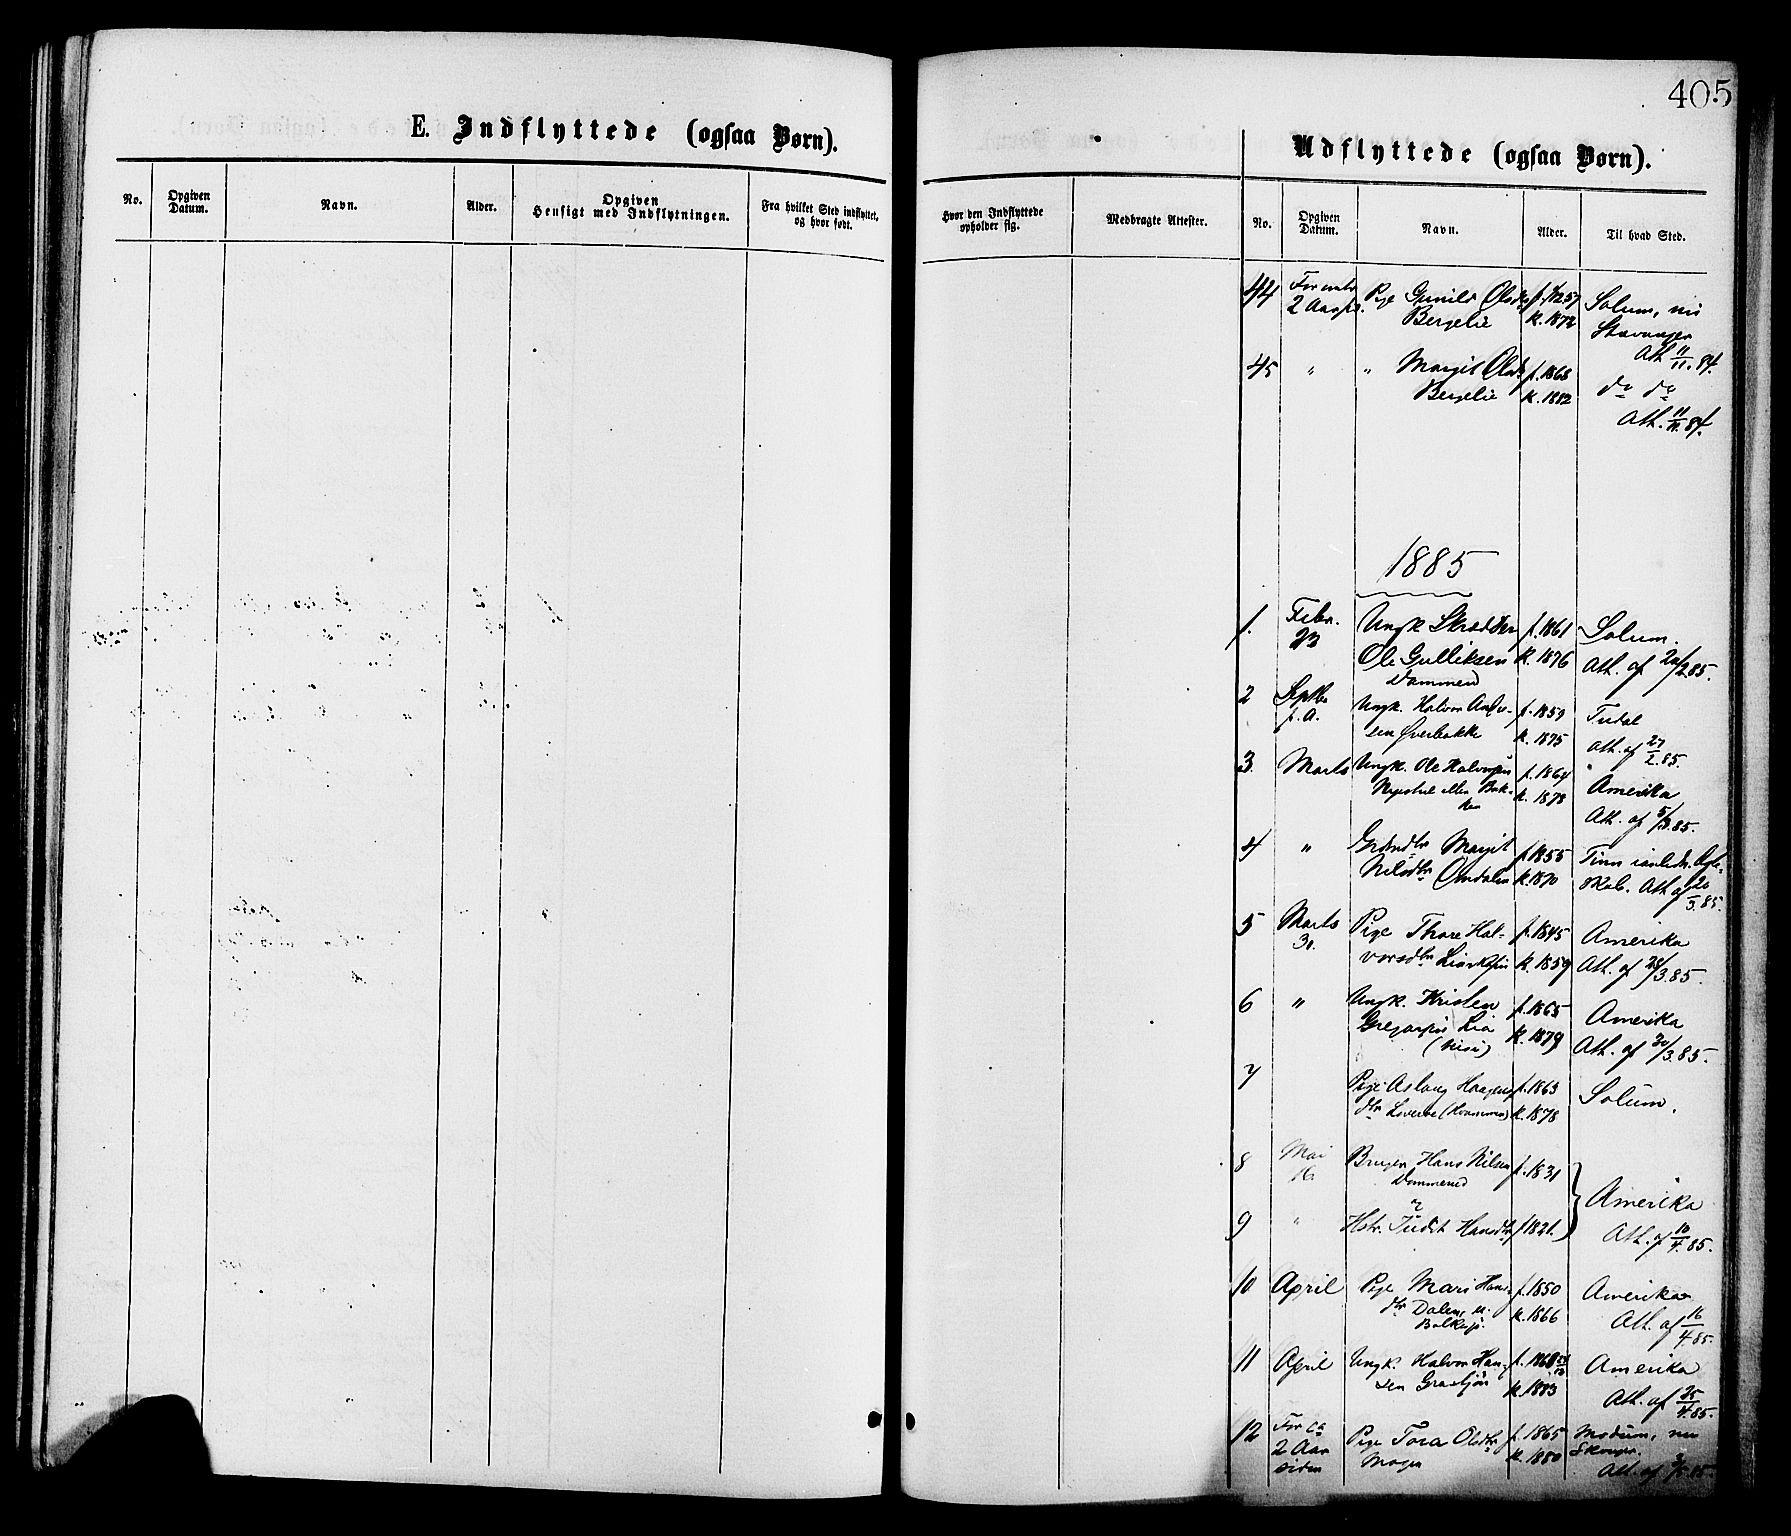 SAKO, Gransherad kirkebøker, F/Fa/L0004: Ministerialbok nr. I 4, 1871-1886, s. 405